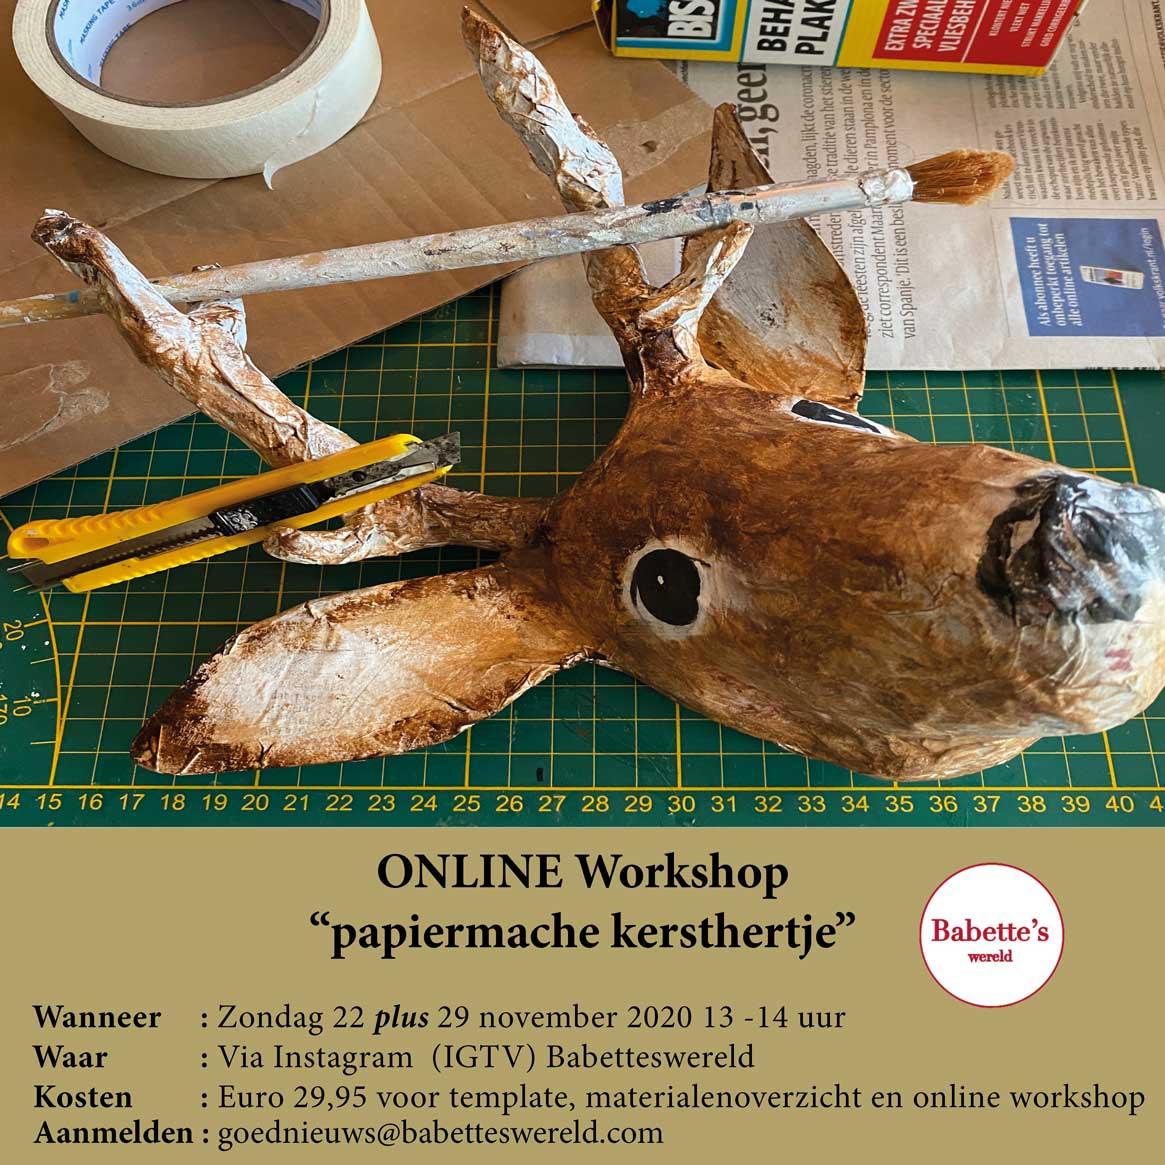 kersthertje workshop